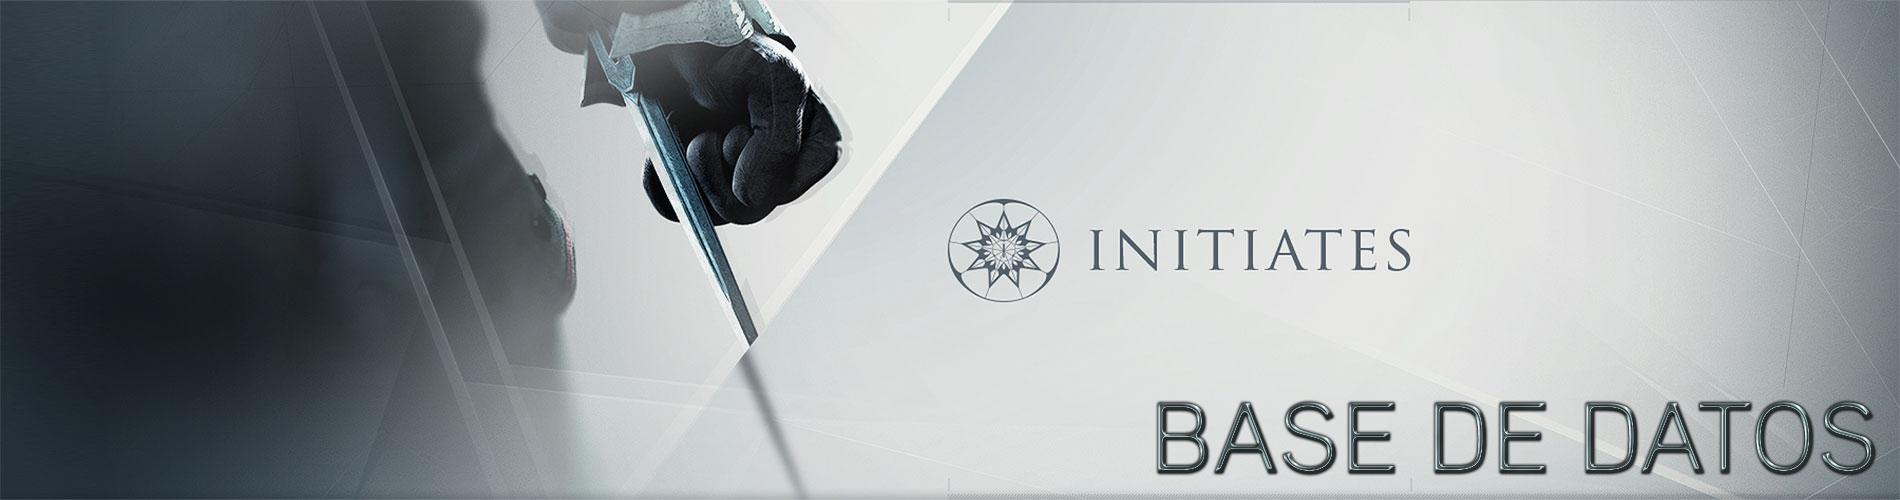 DATABASE_INITIATES